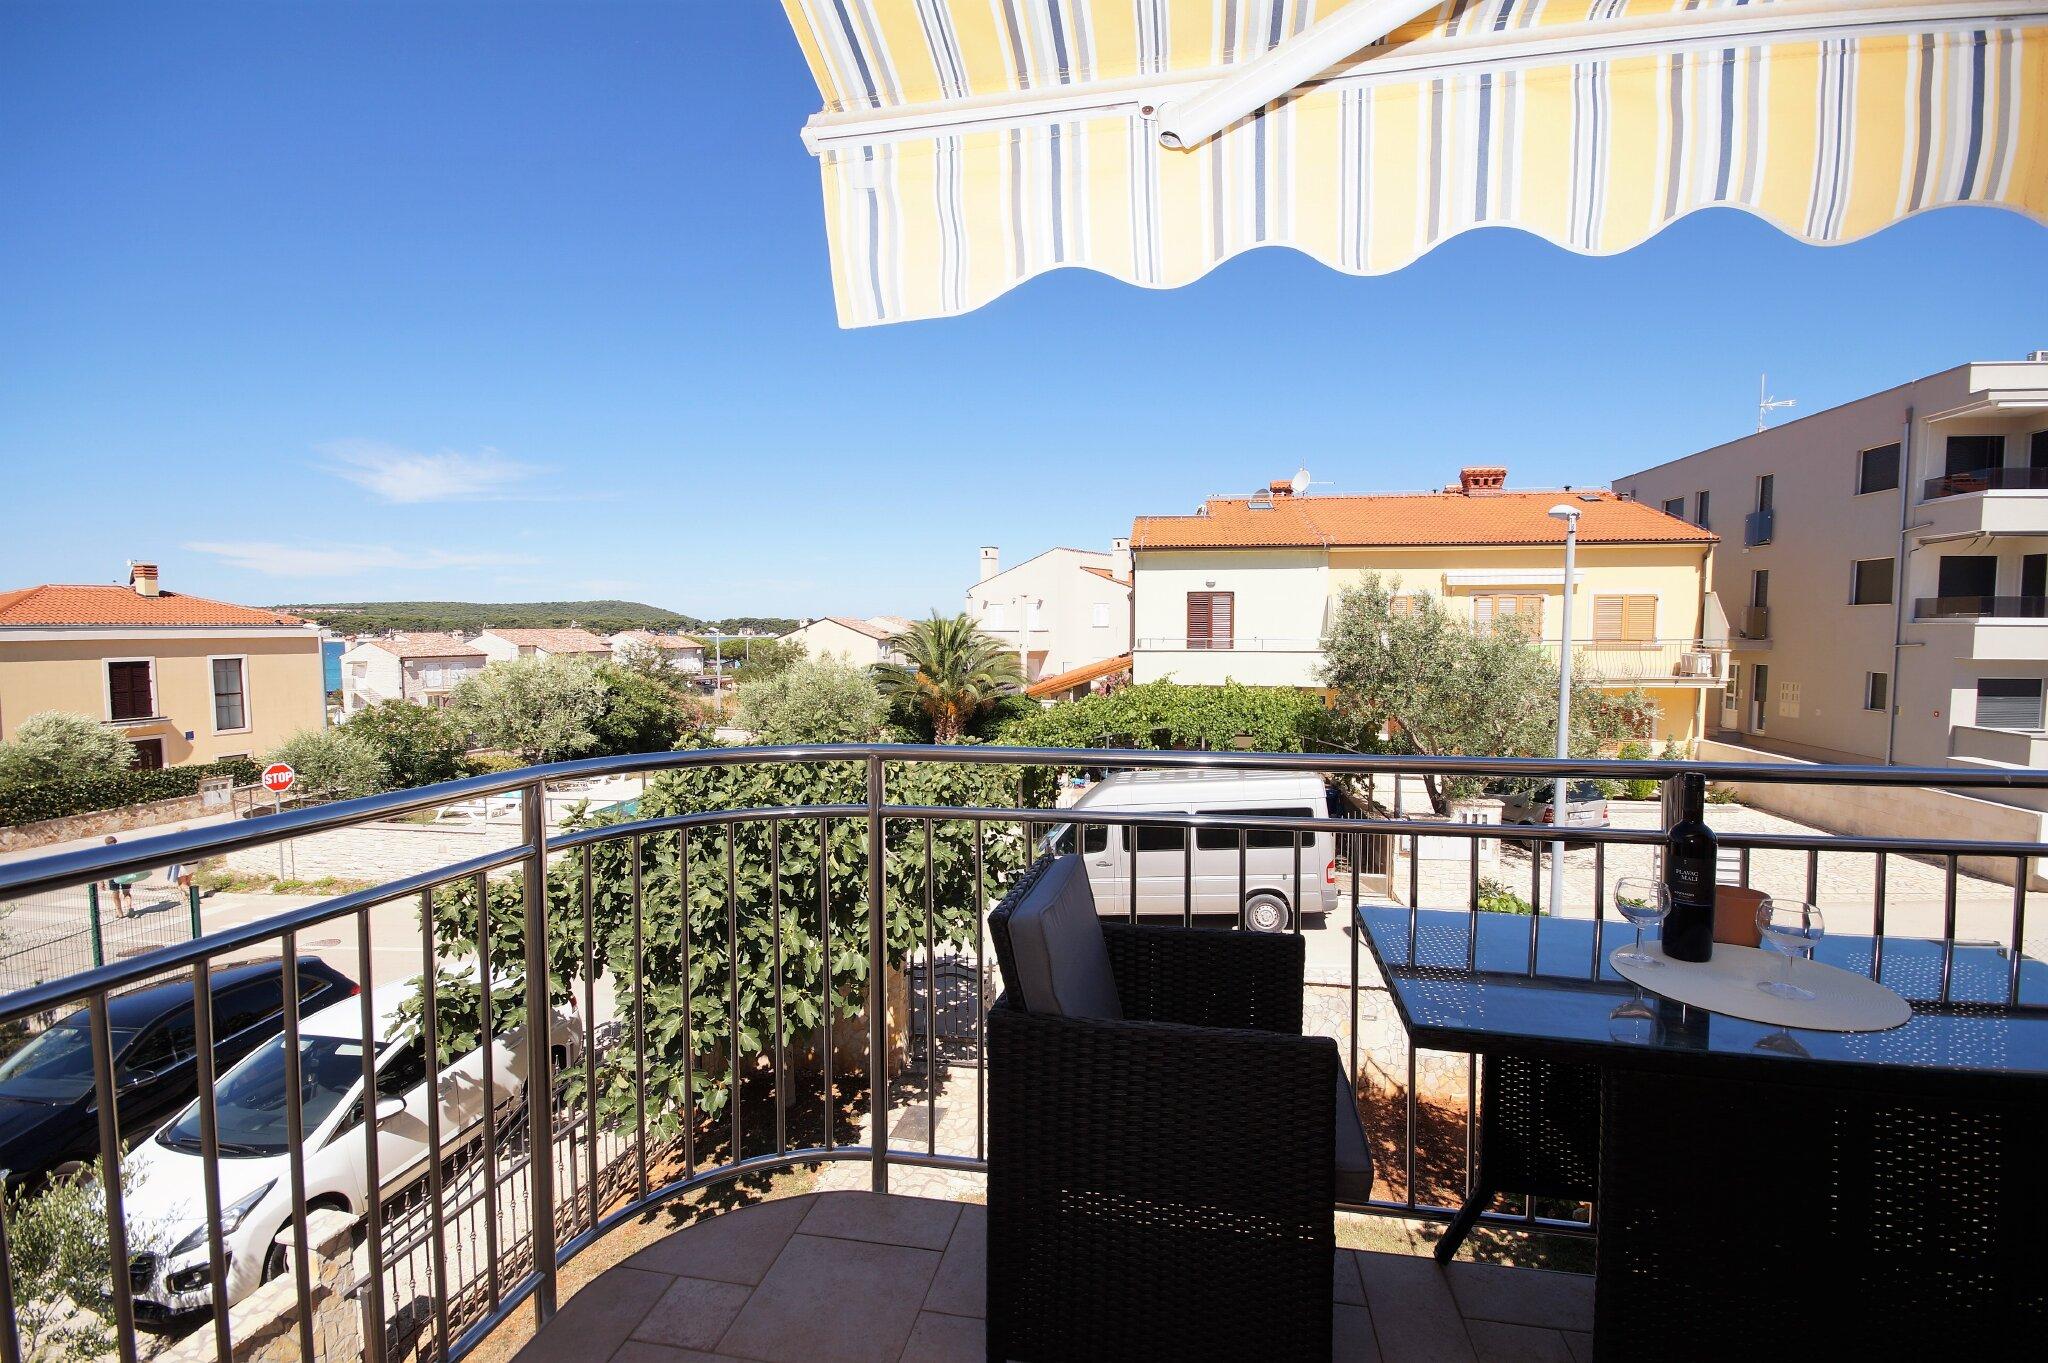 Terrasse mit Meerblick und Blick auf den